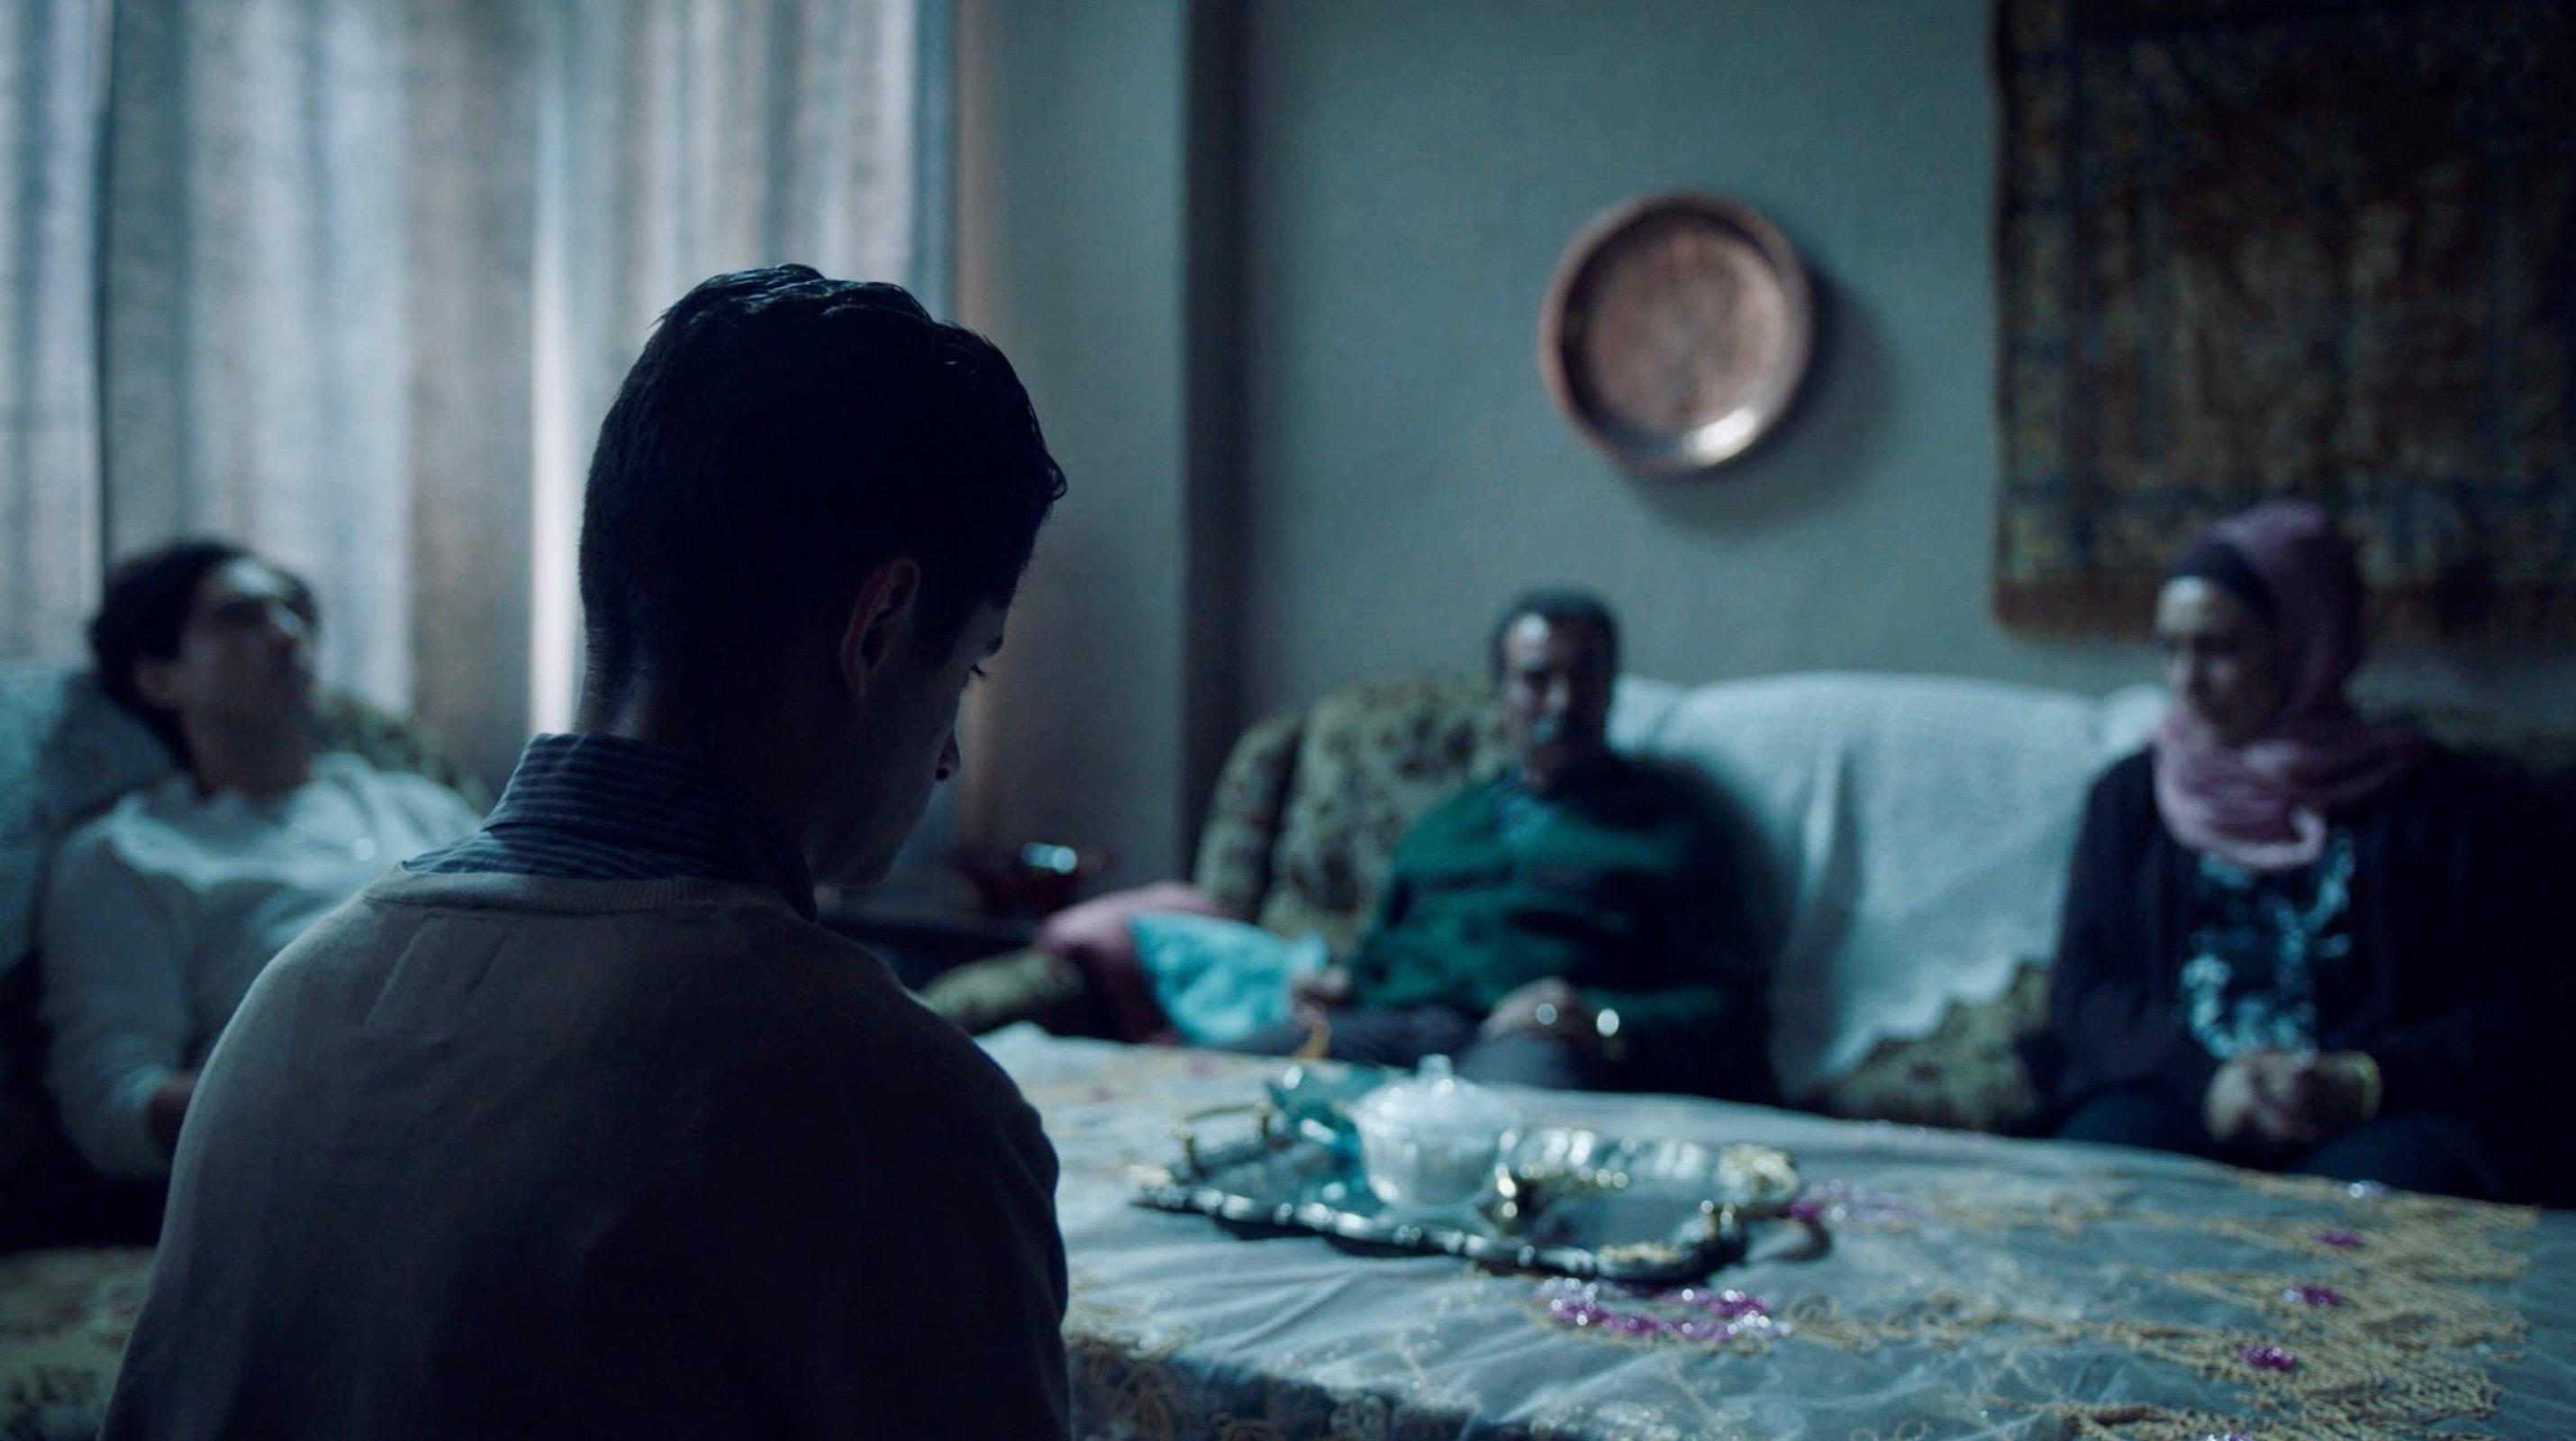 Nur eine Frau - A Regular Women - Aynurs Eltern und Brüder im Wohnzimmer - Regie Sherry Hormann - Kamera Judith Kaufmann